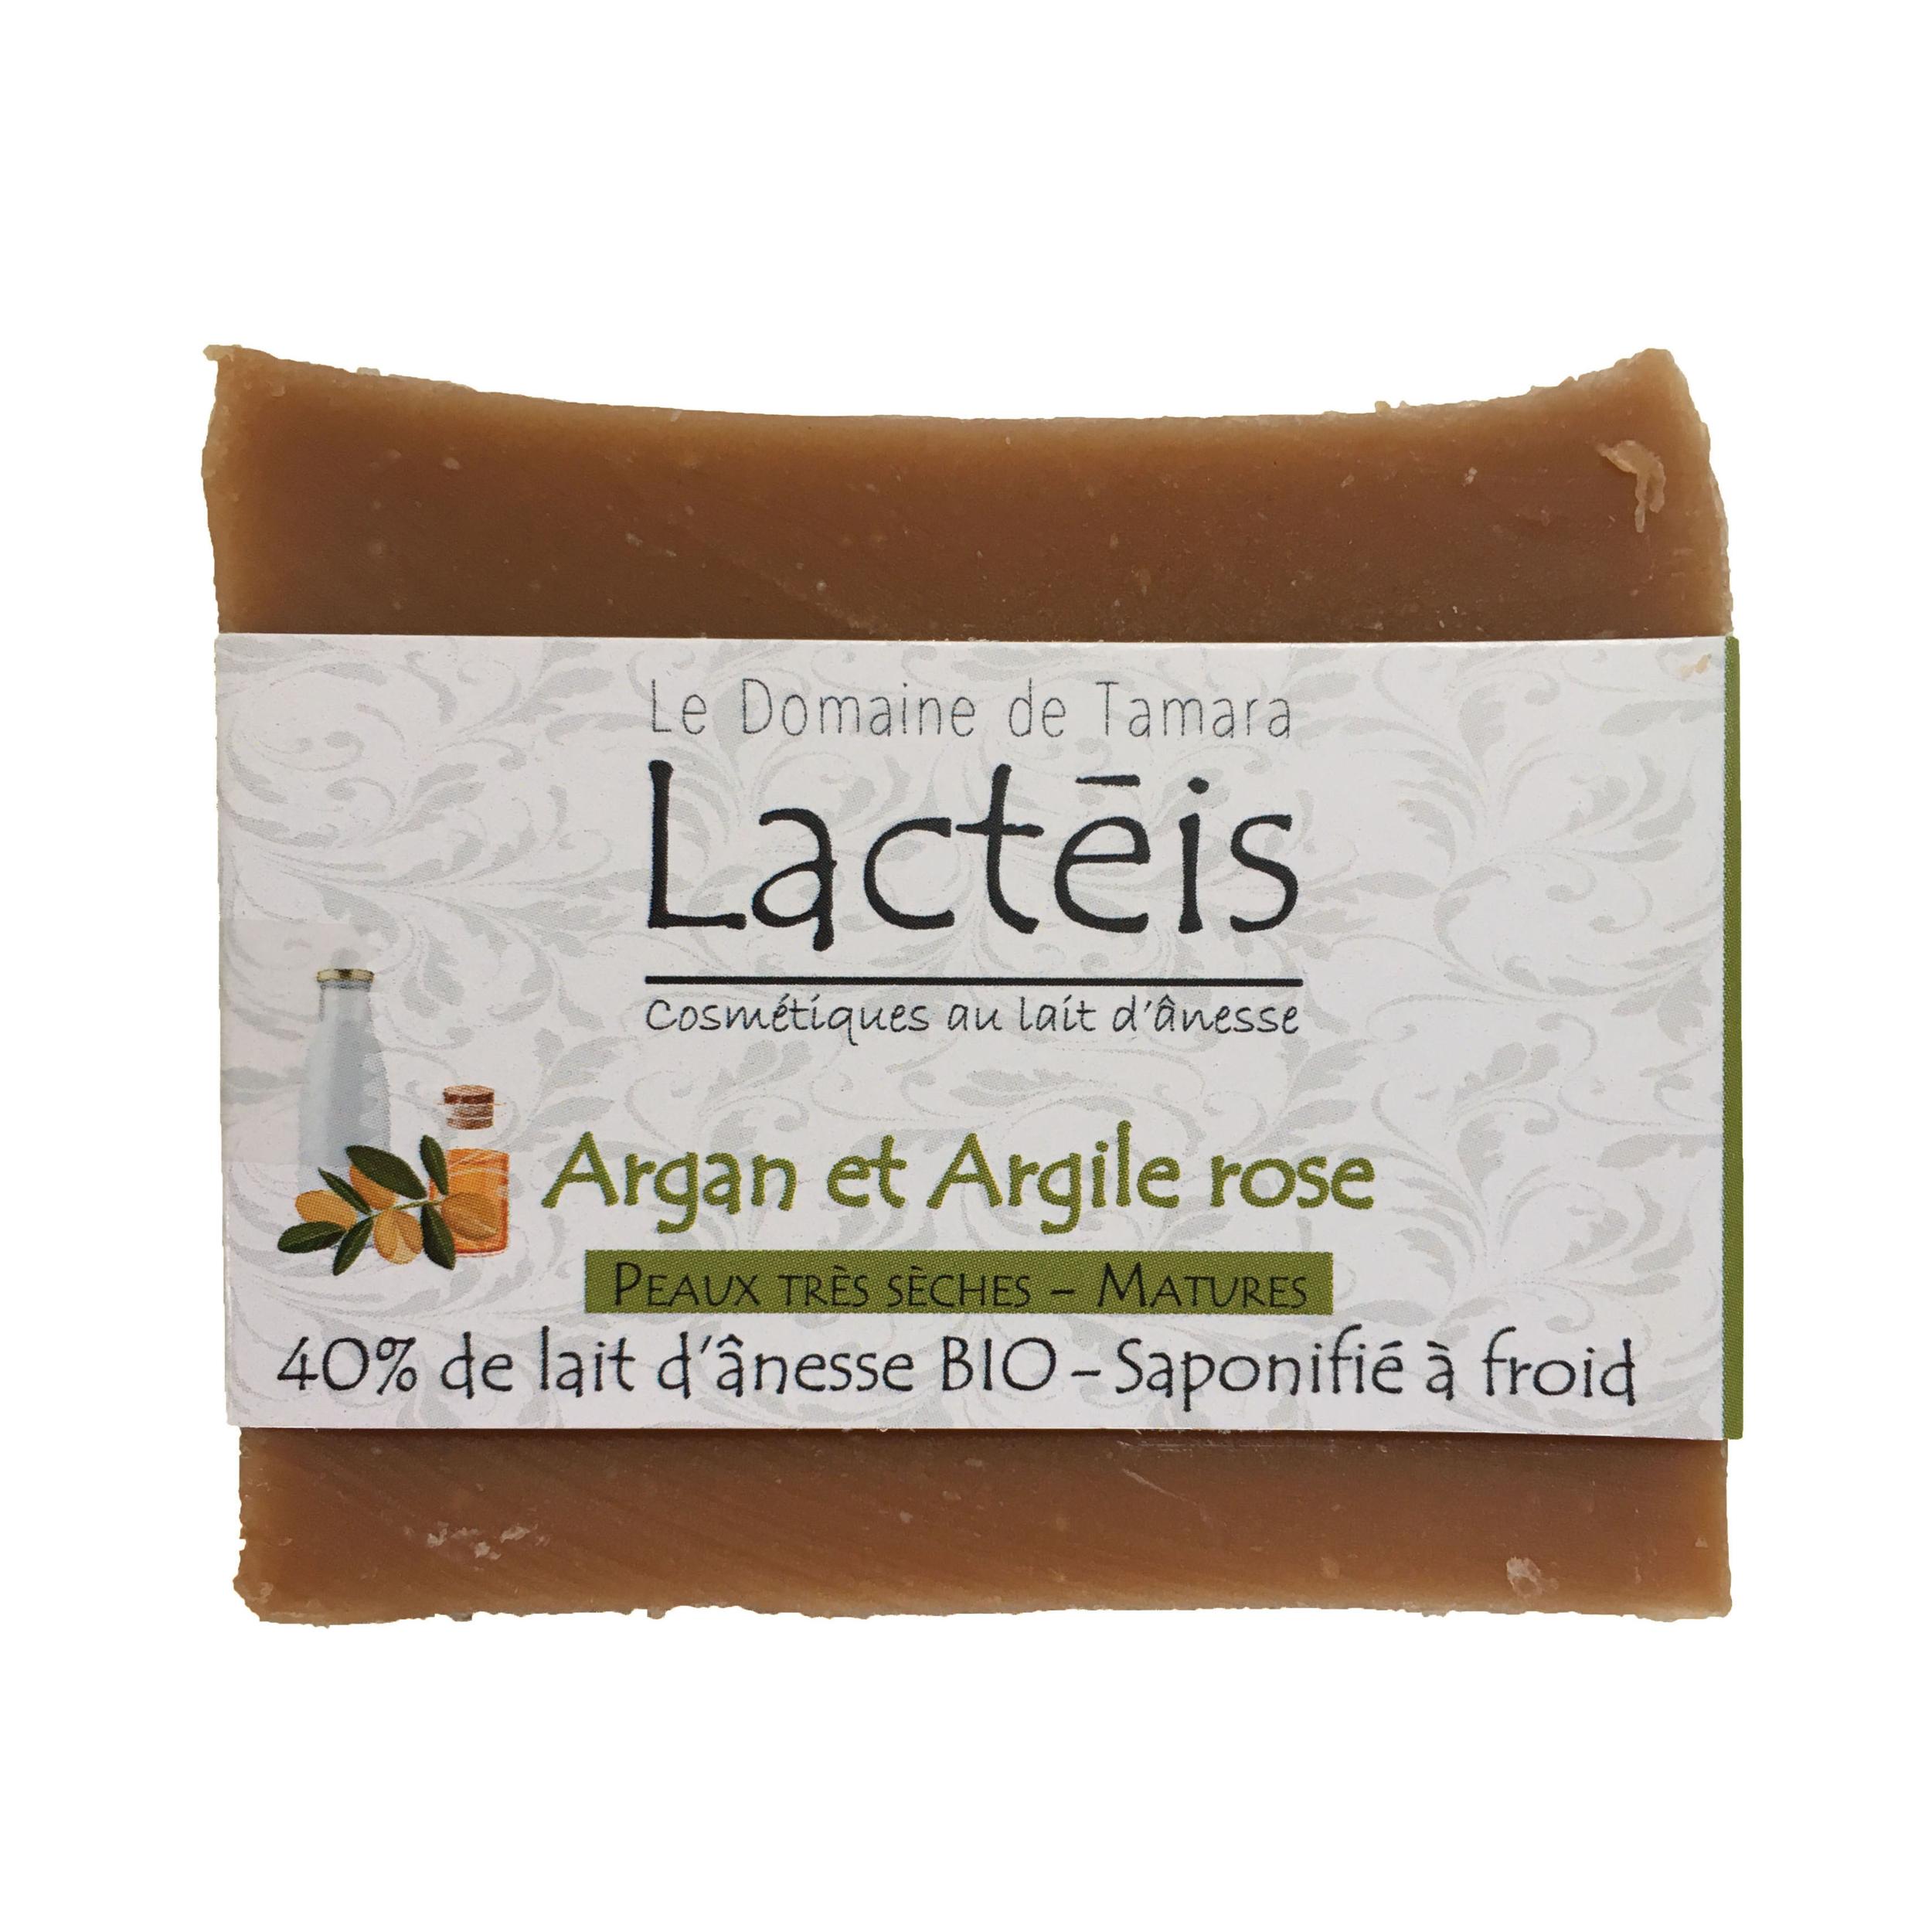 40% de lait d'ânesse frais et BIO - Argan et Argile rose